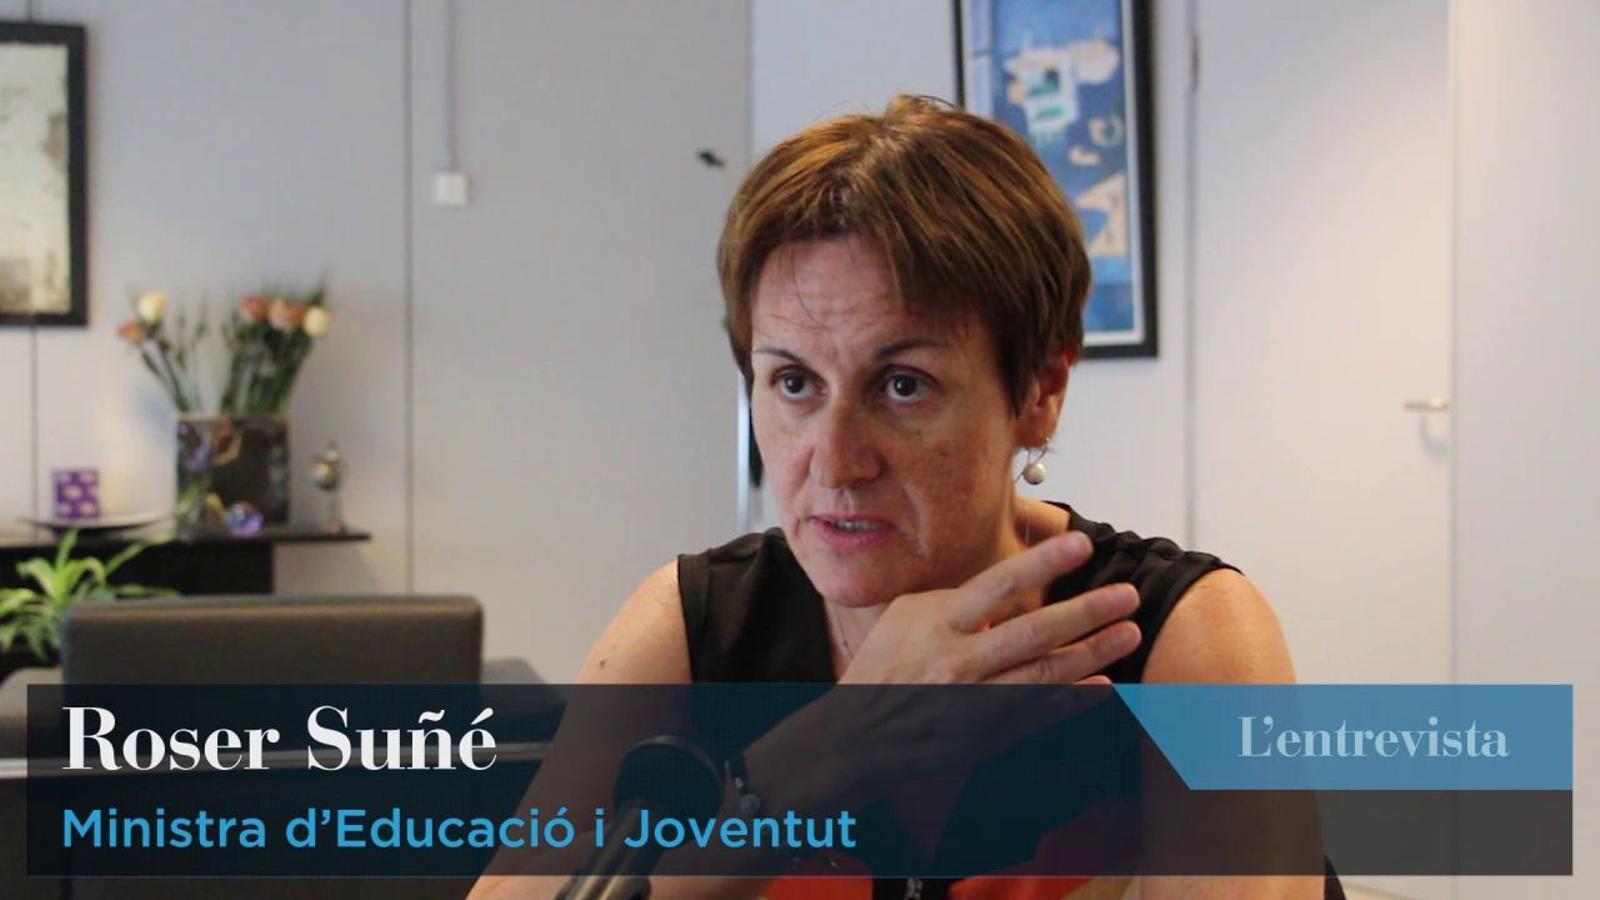 Entrevista a la ministra d'Educació, Roser Suñé